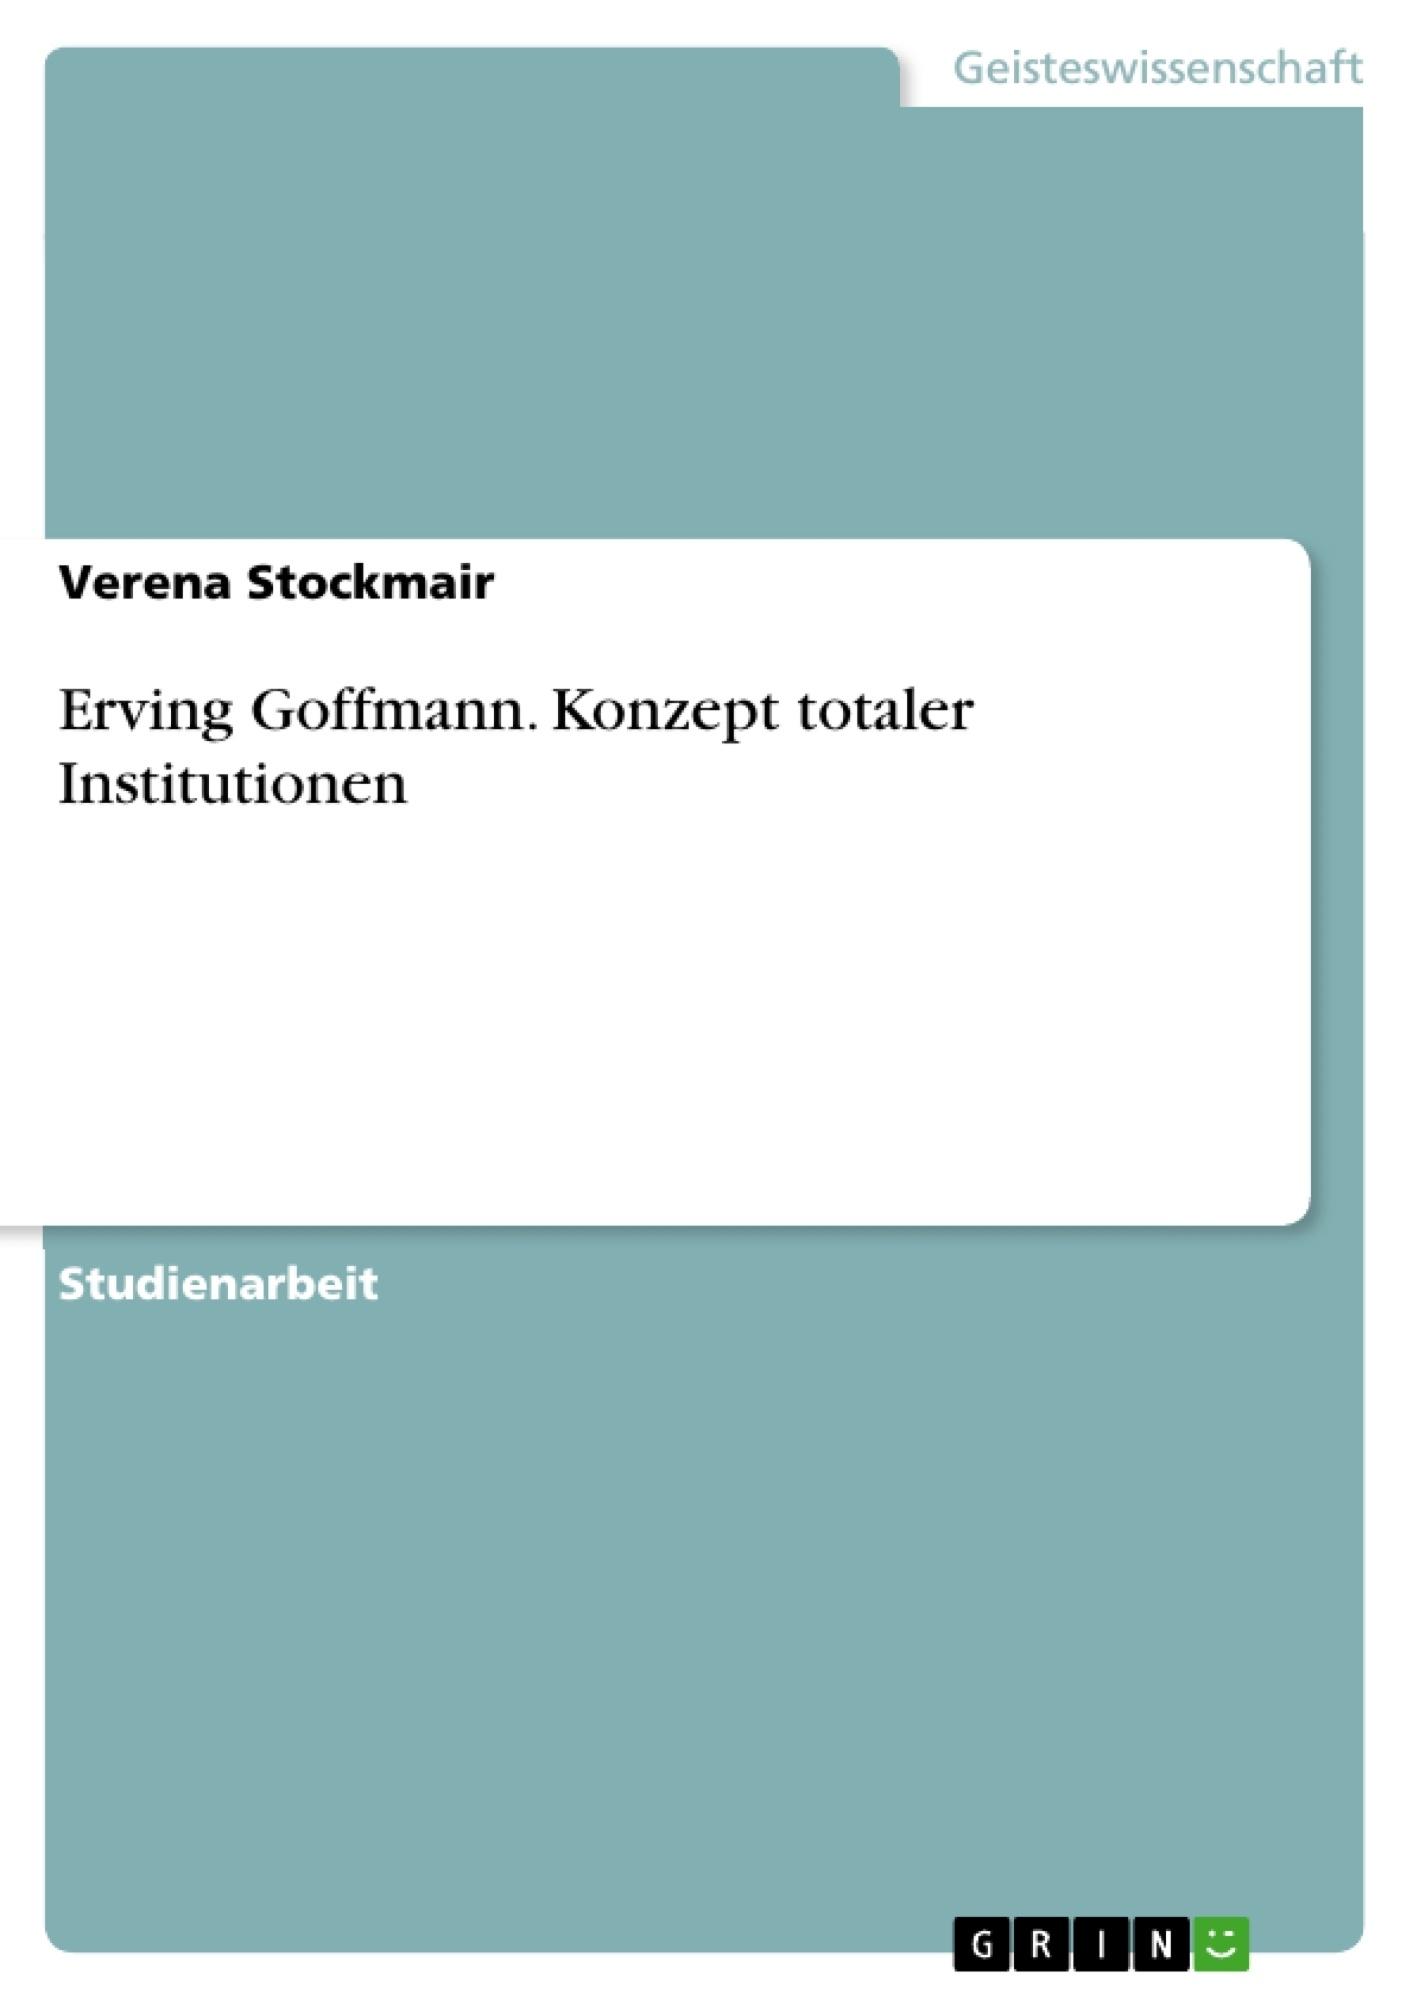 Titel: Erving Goffmann. Konzept totaler Institutionen